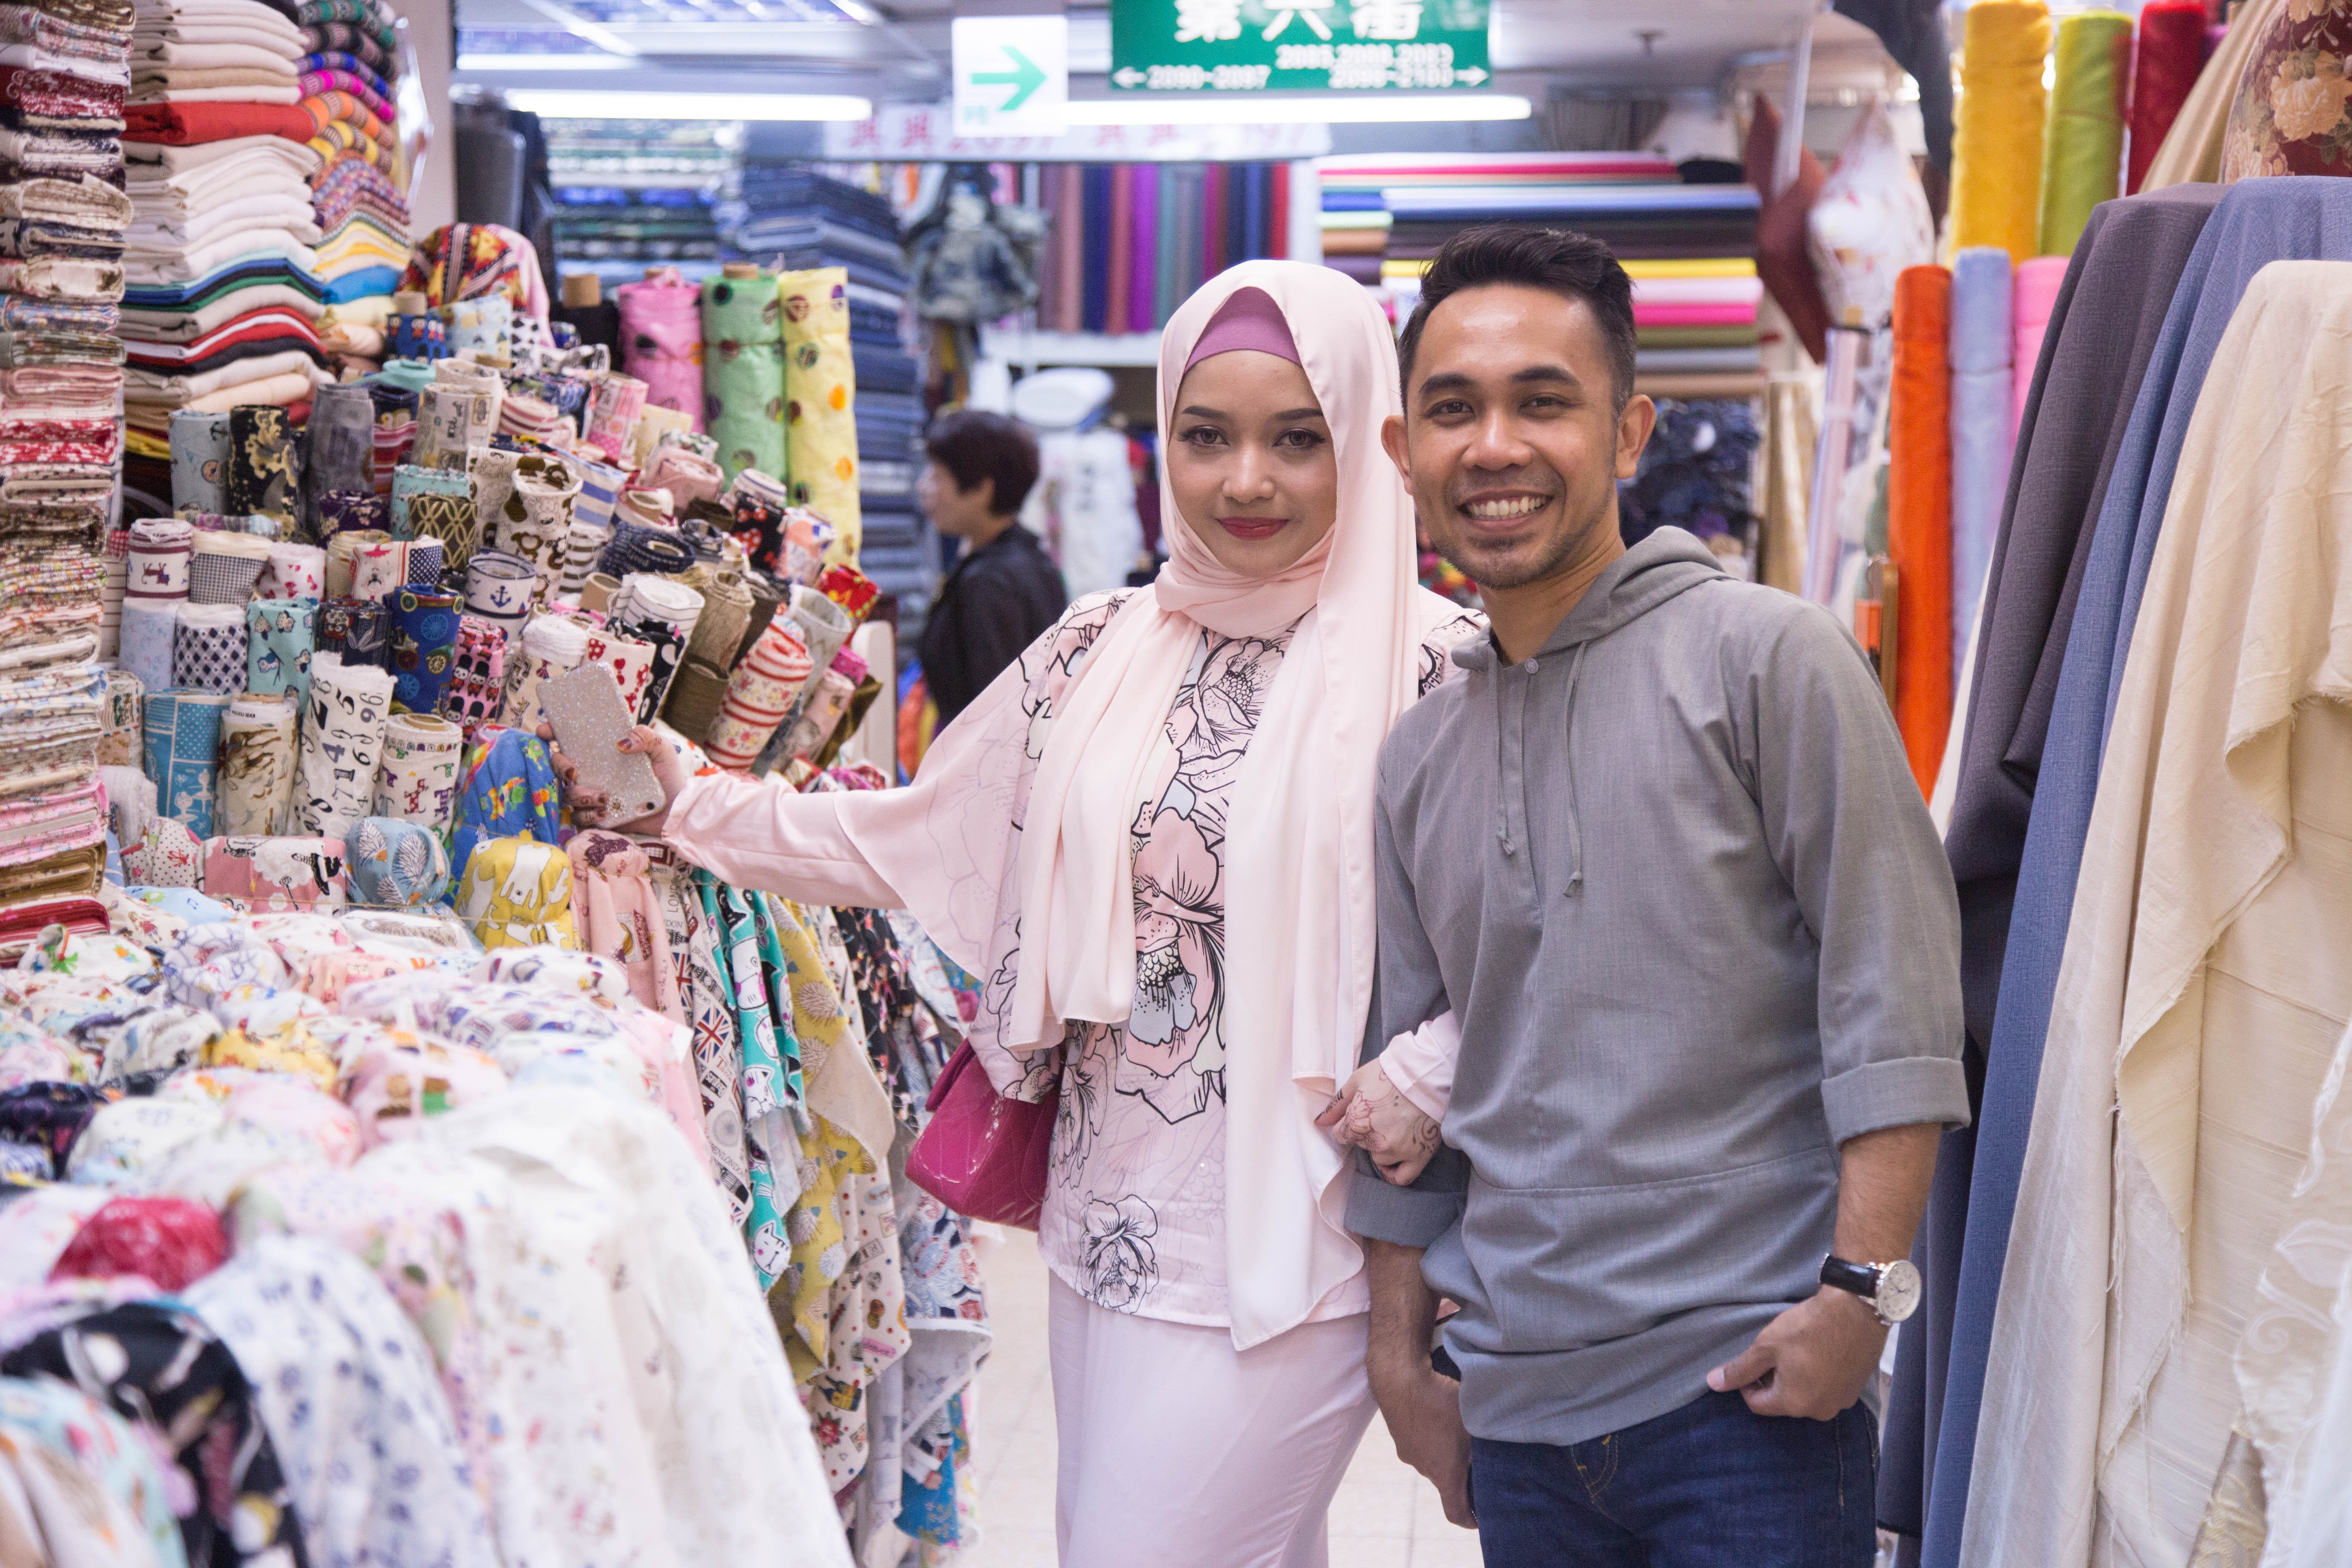 與穆斯林電視台Astro_TV合作邀請大馬穆斯林名人Hafiz夫婦來臺踩線,拍攝旅遊節目悠閒走訪大稻埕及永樂市場